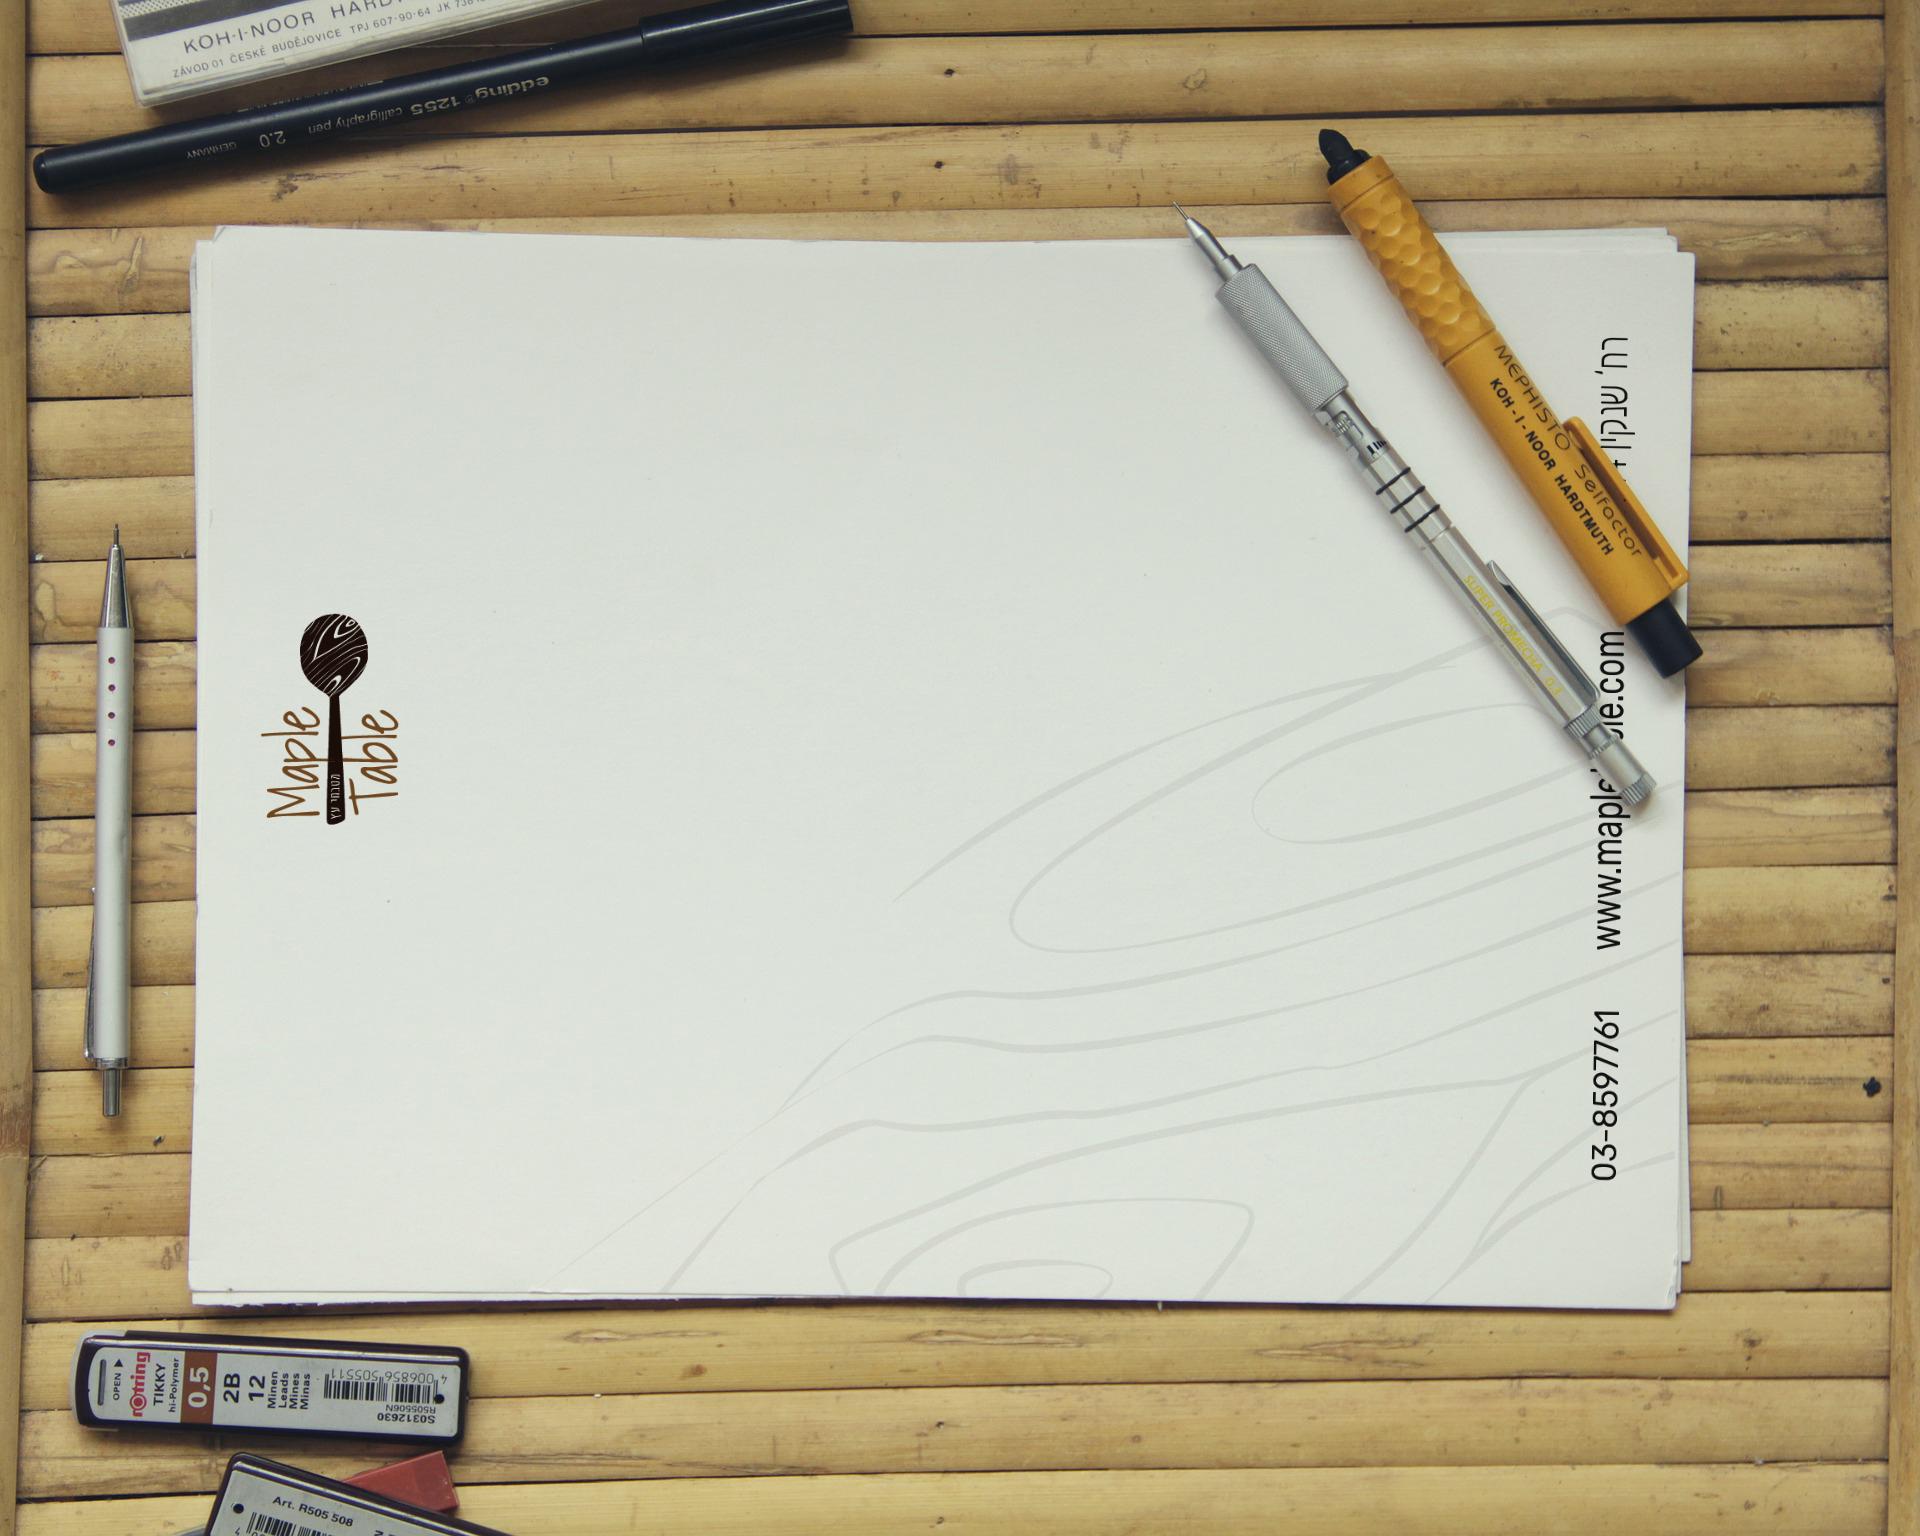 עיצוב מעטפה - שחר אורון